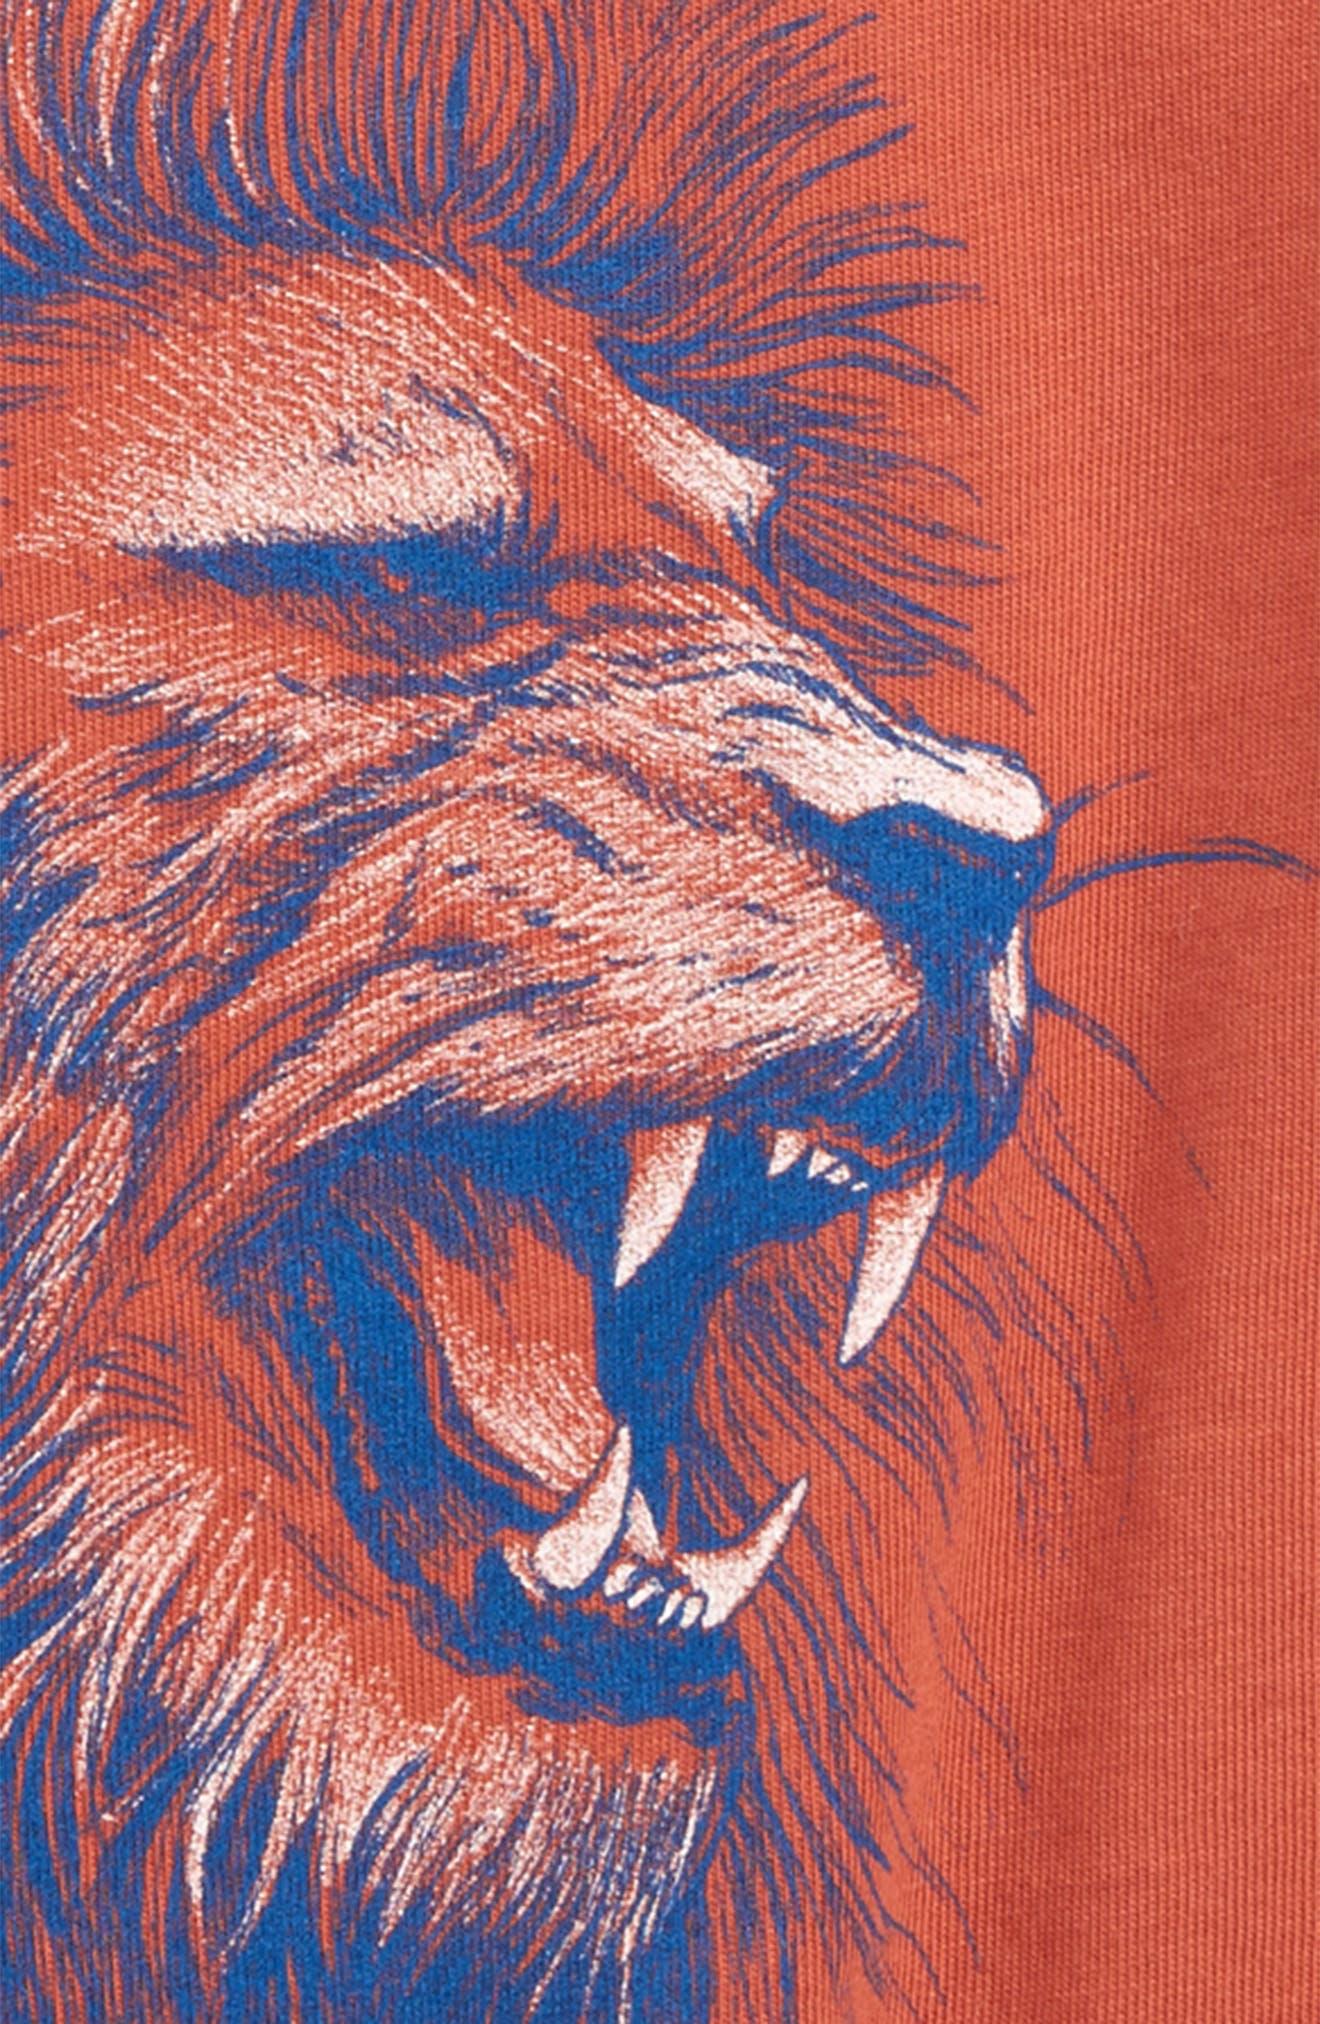 Lion Graphic T-Shirt,                             Alternate thumbnail 3, color,                             632